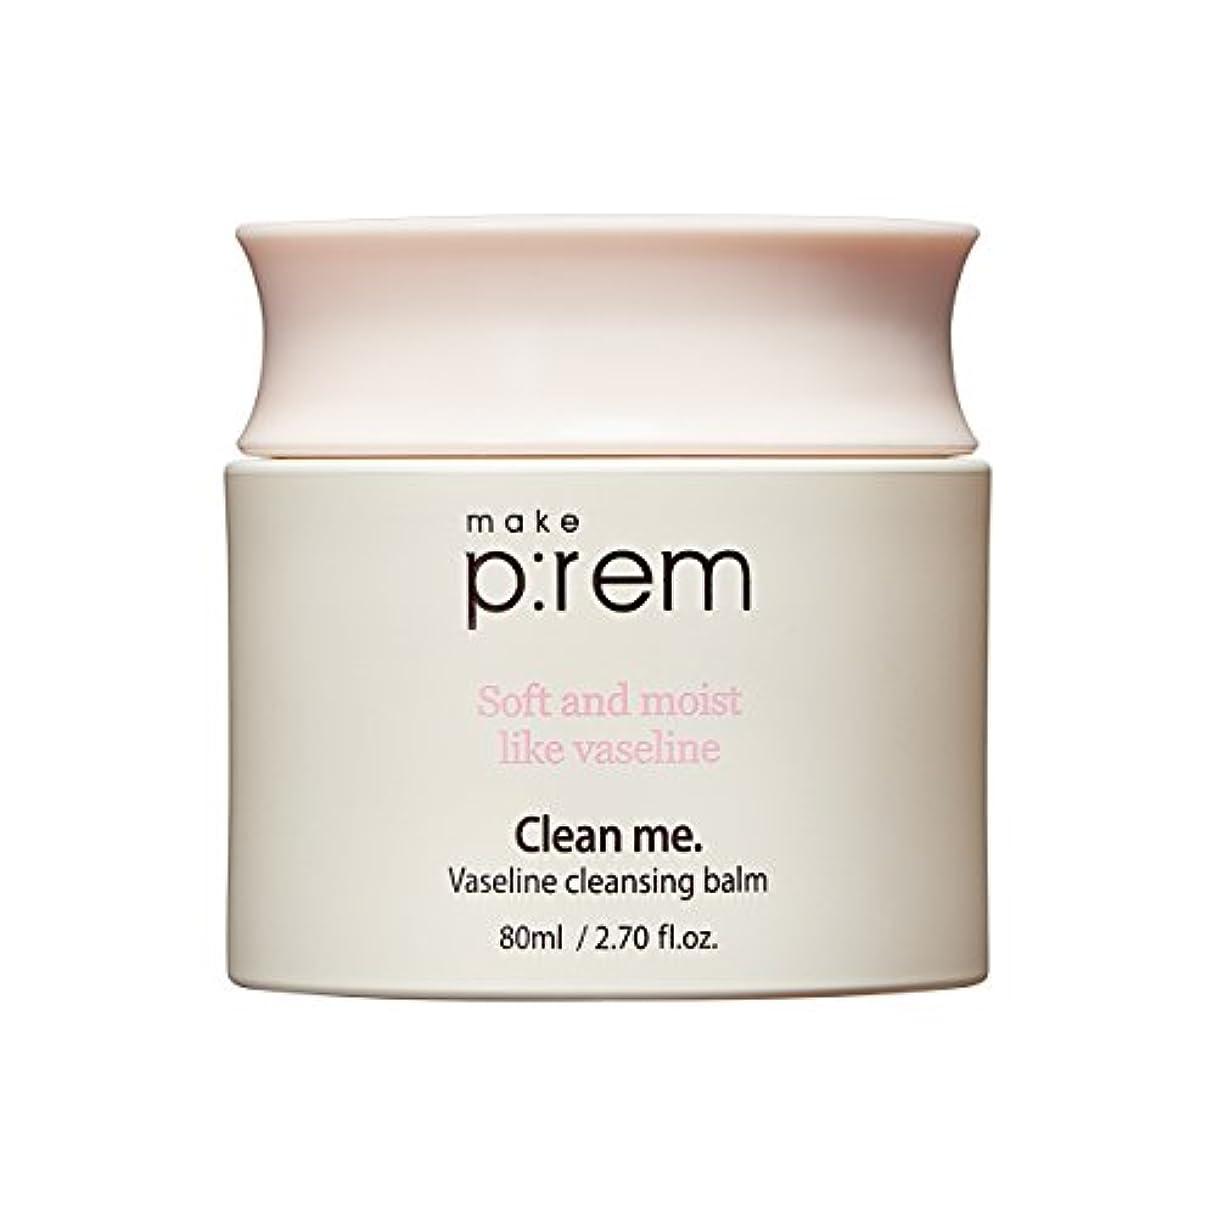 言い直す幸福潤滑する[MAKE P:REM] clean me ワセリン クレンジング バーム Vaseline cleansing balm 80ml / 韓国コスメ, 韓国直送品